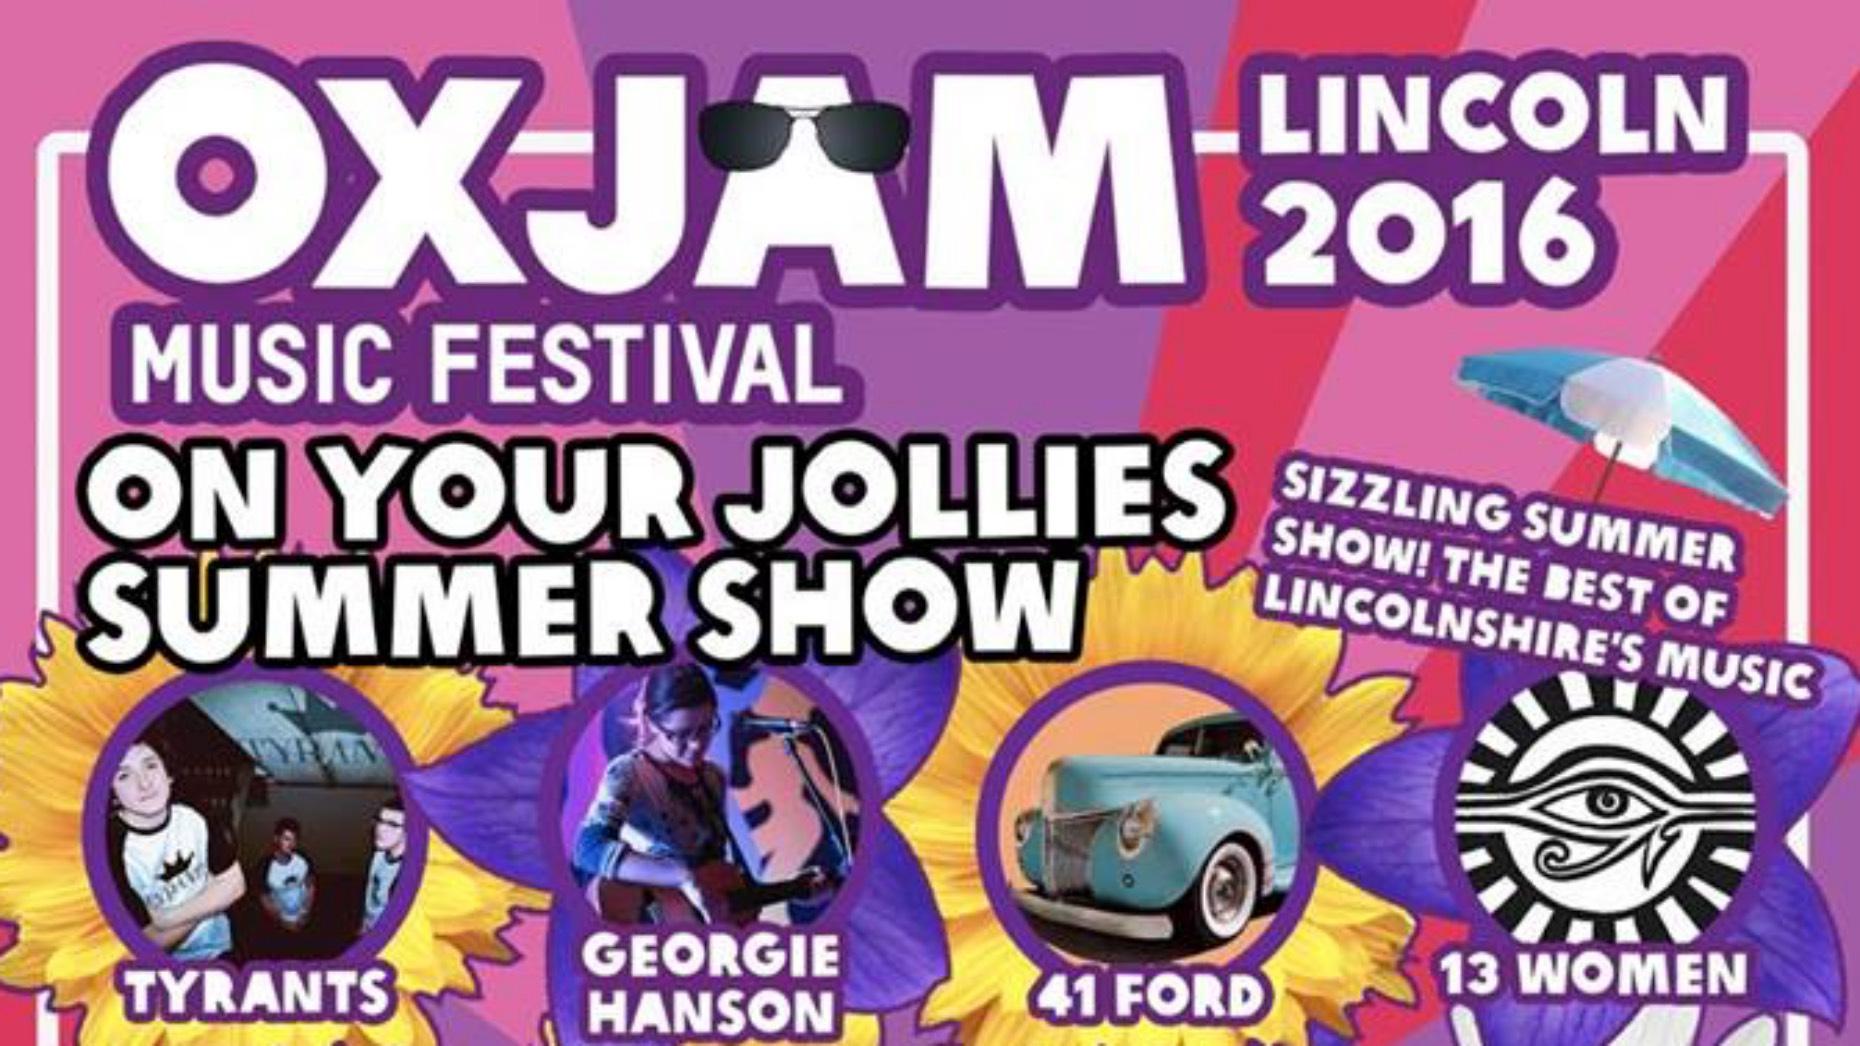 Jollies Summer Show, Lincoln